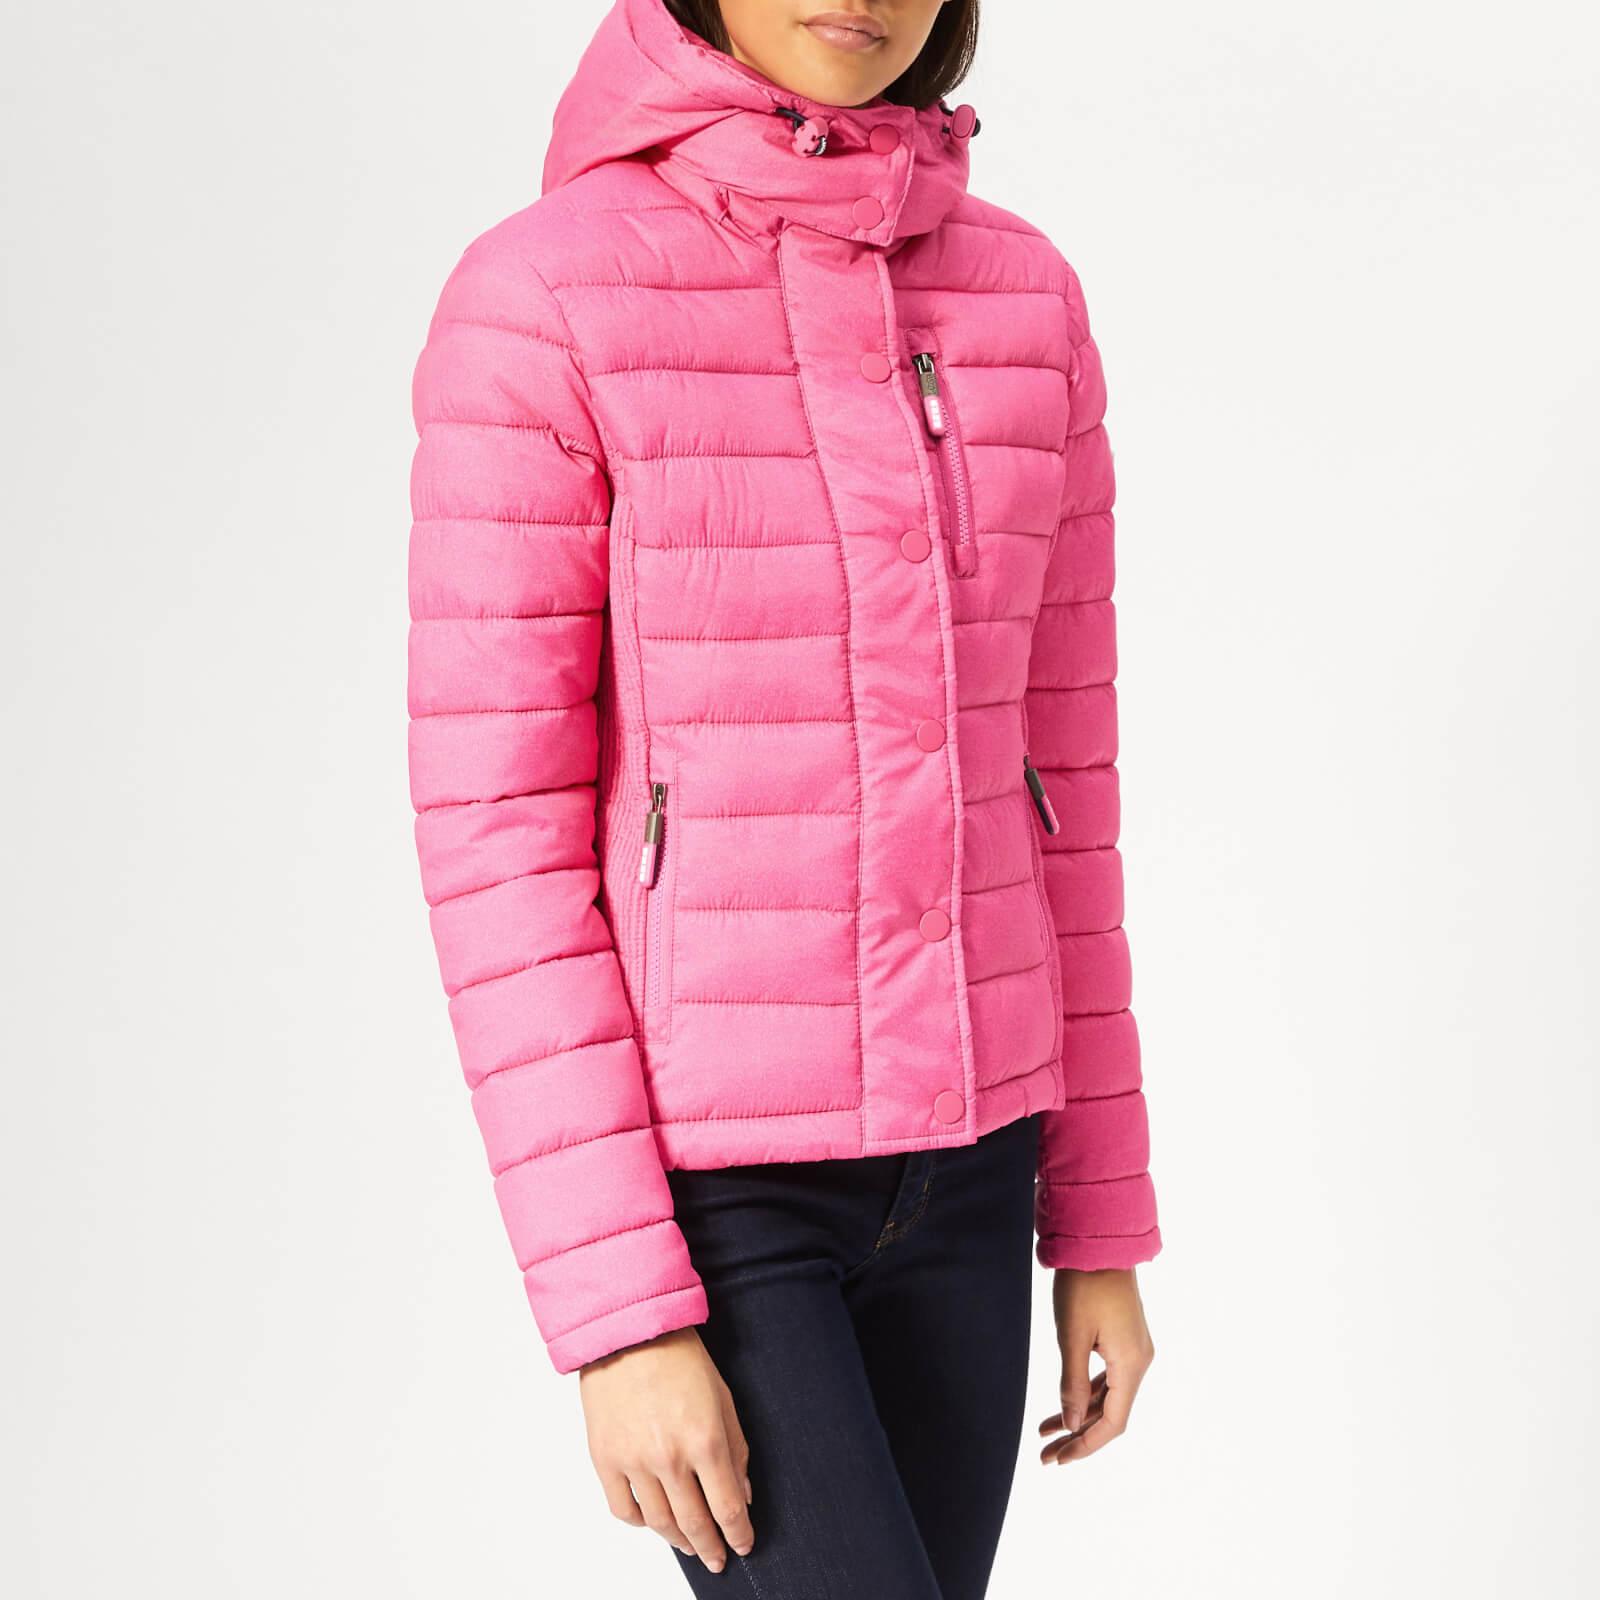 Superdry Women's Fuji Slim Double Zip Jacket - Pink Marl - S - Pink